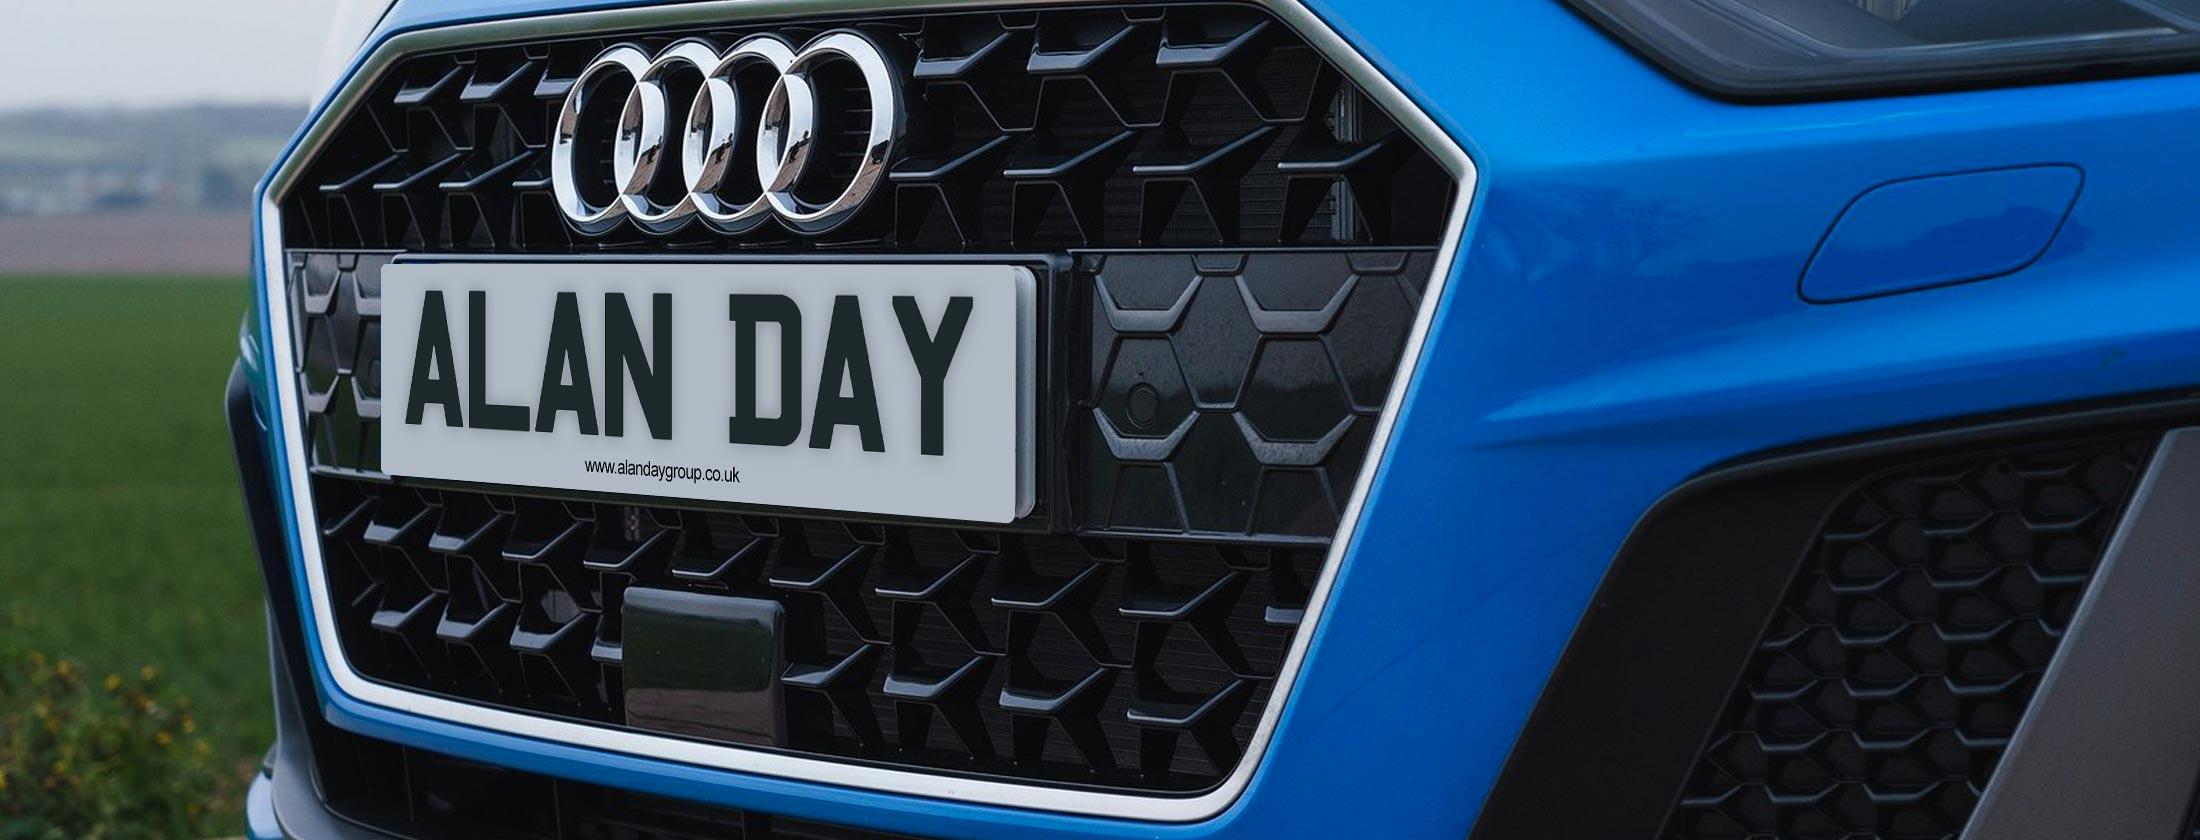 Alan Day Audi